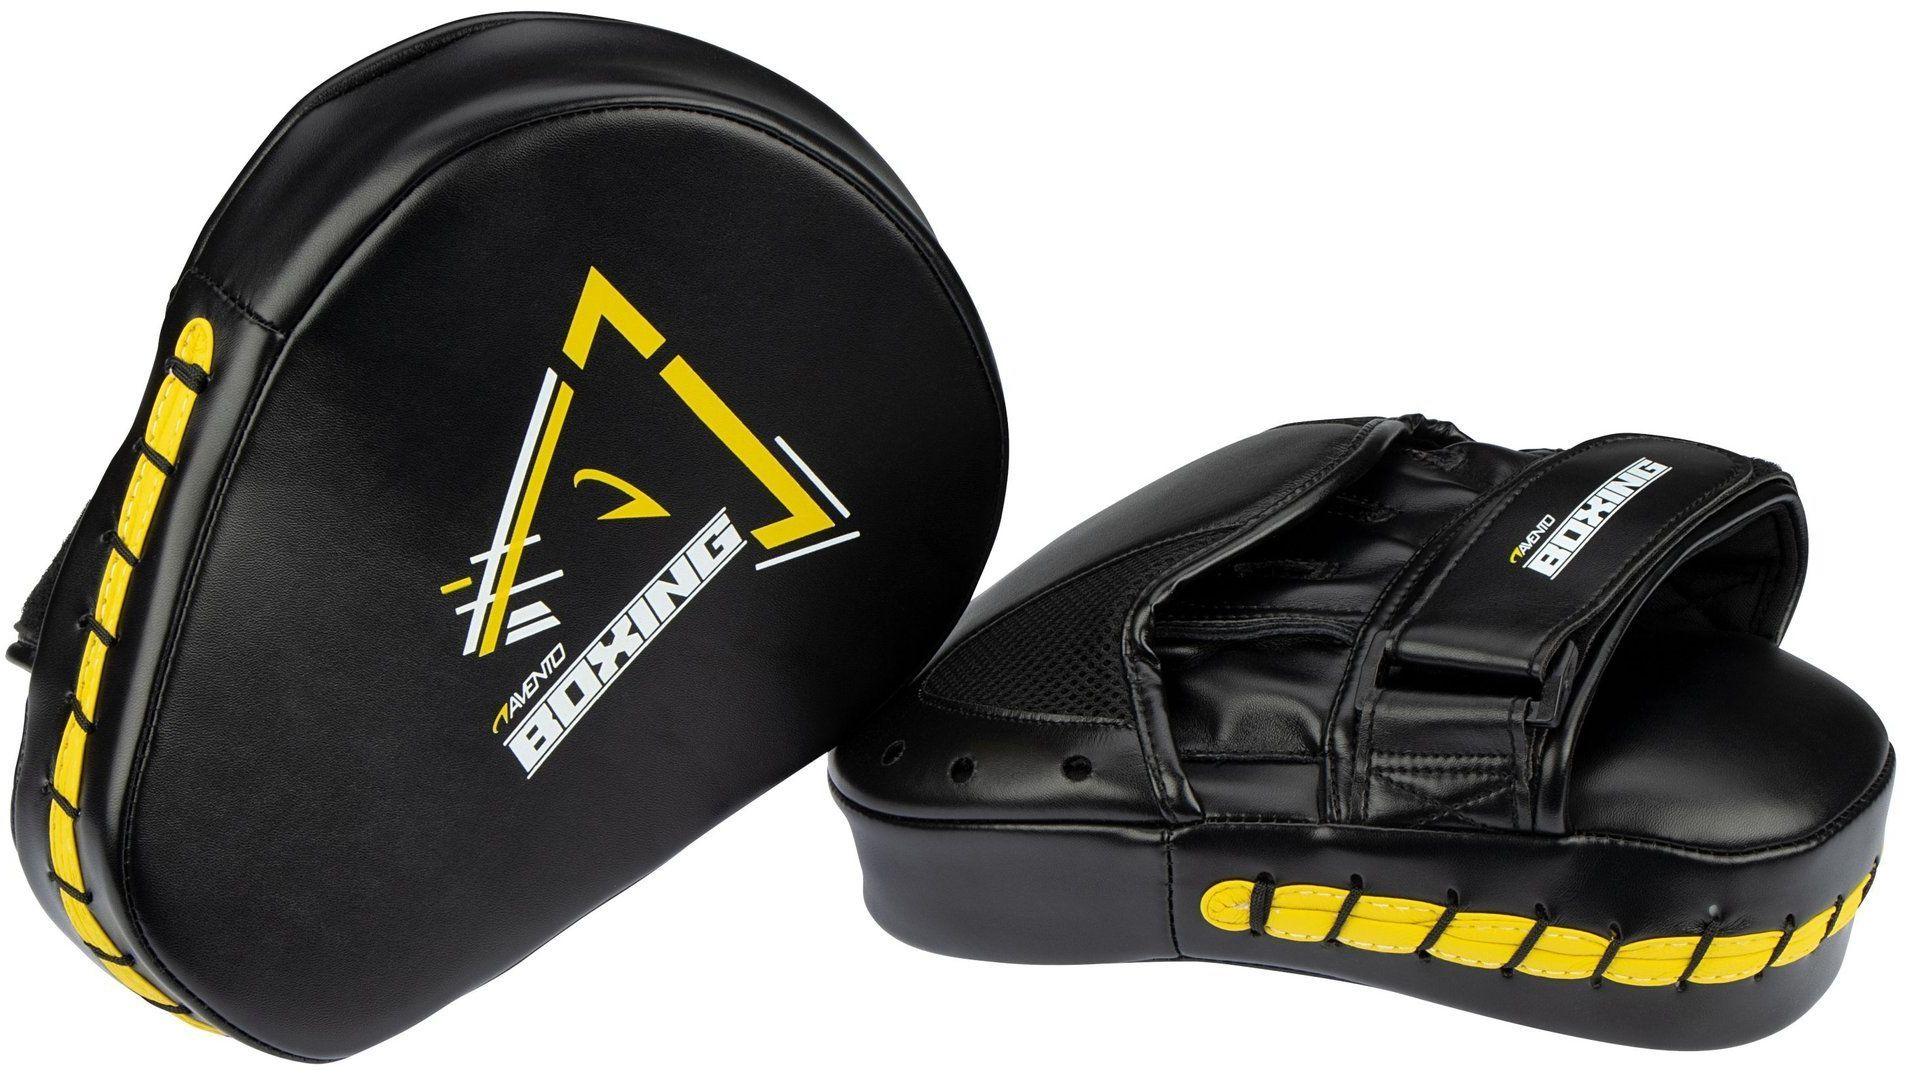 Ochraniacze bokserskie treningowe na ręce Avento